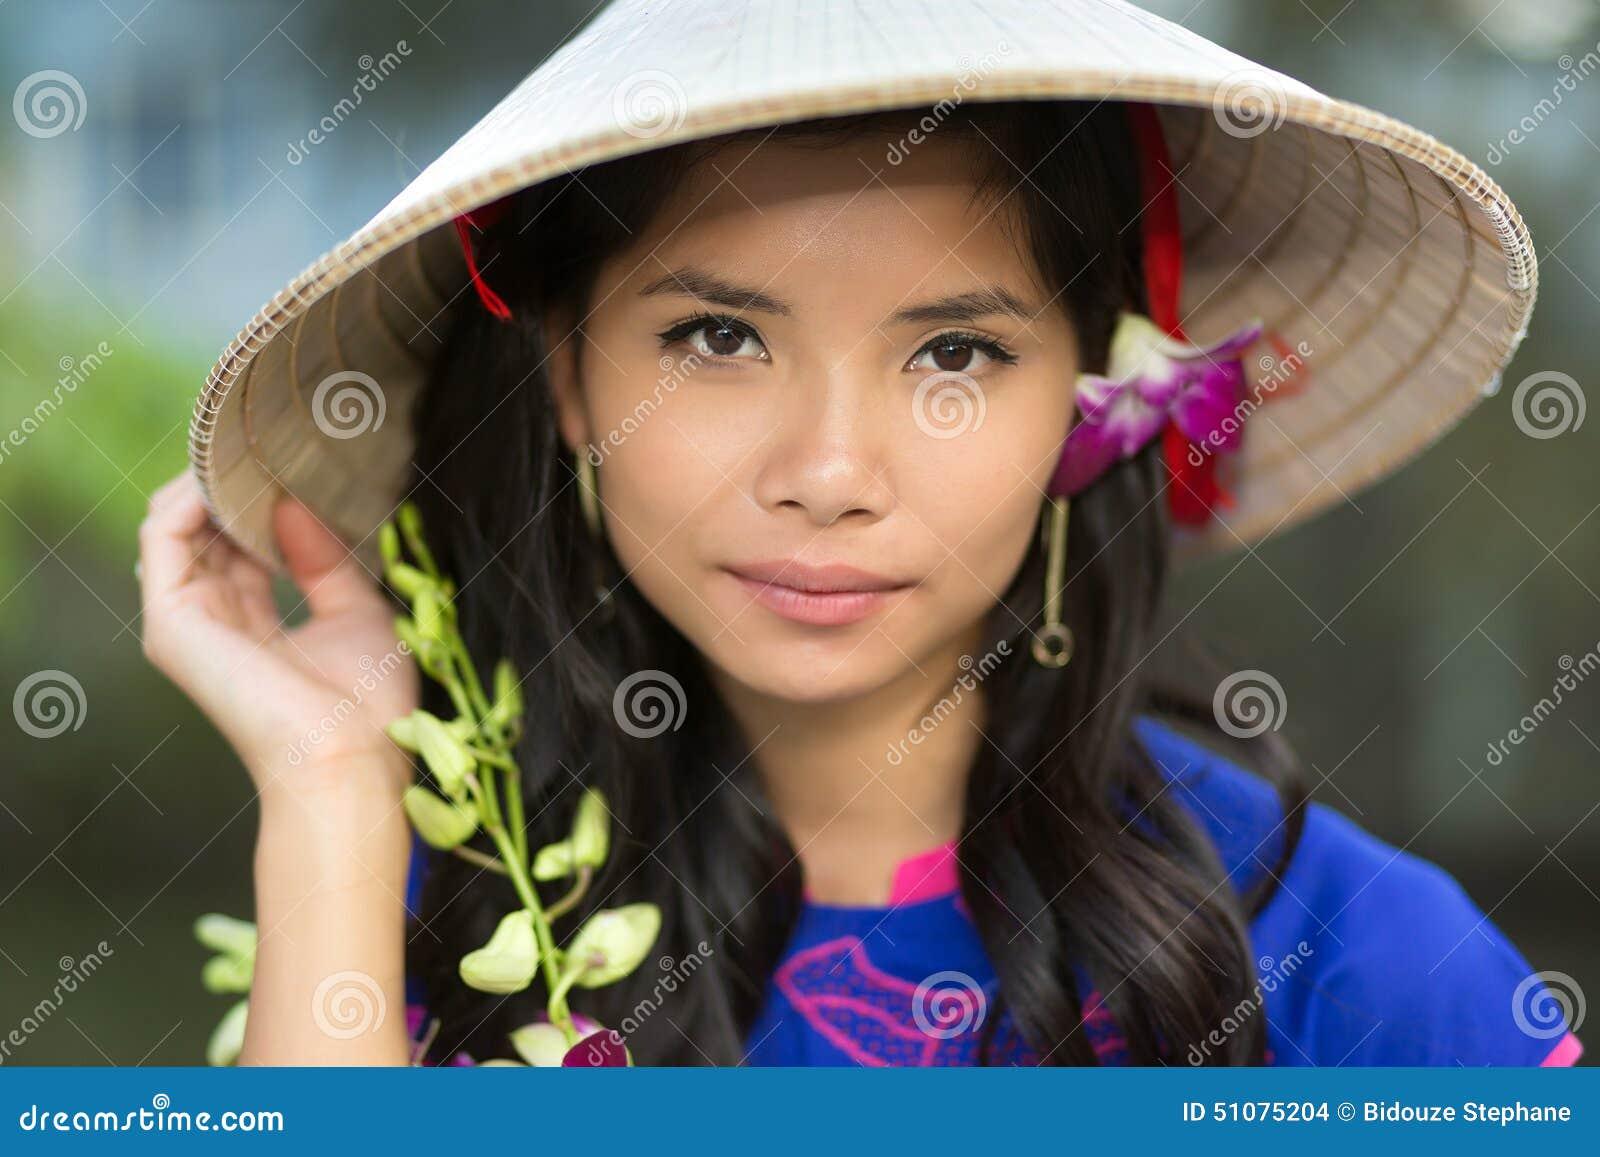 Rencontre gratuite - célibataires du Viêt Nam